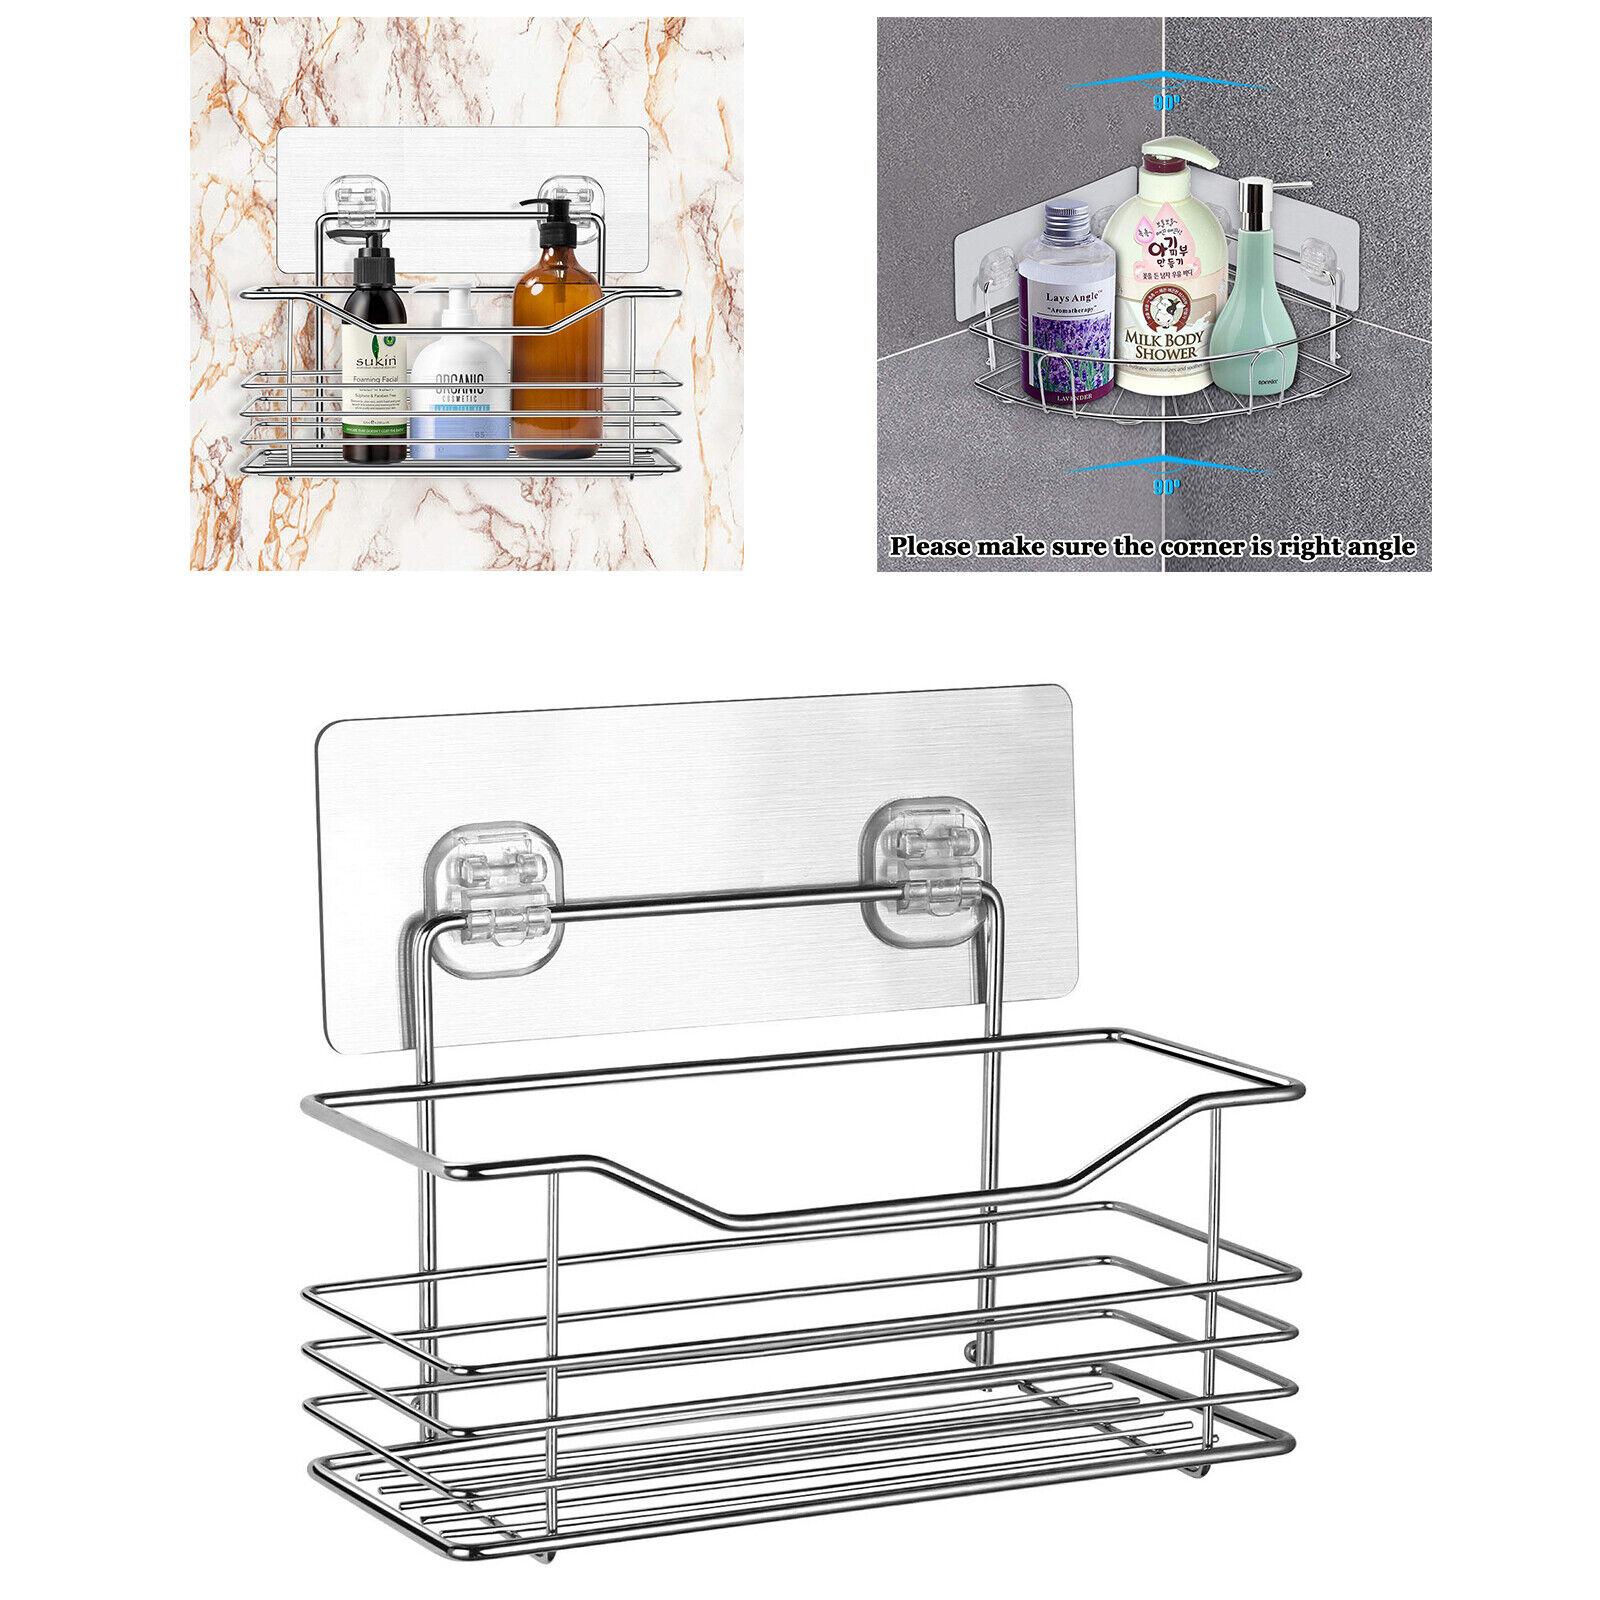 Stainless Steel Rack Storage Organizer Holder Shelf Kitchen Bathroom Wall Mount